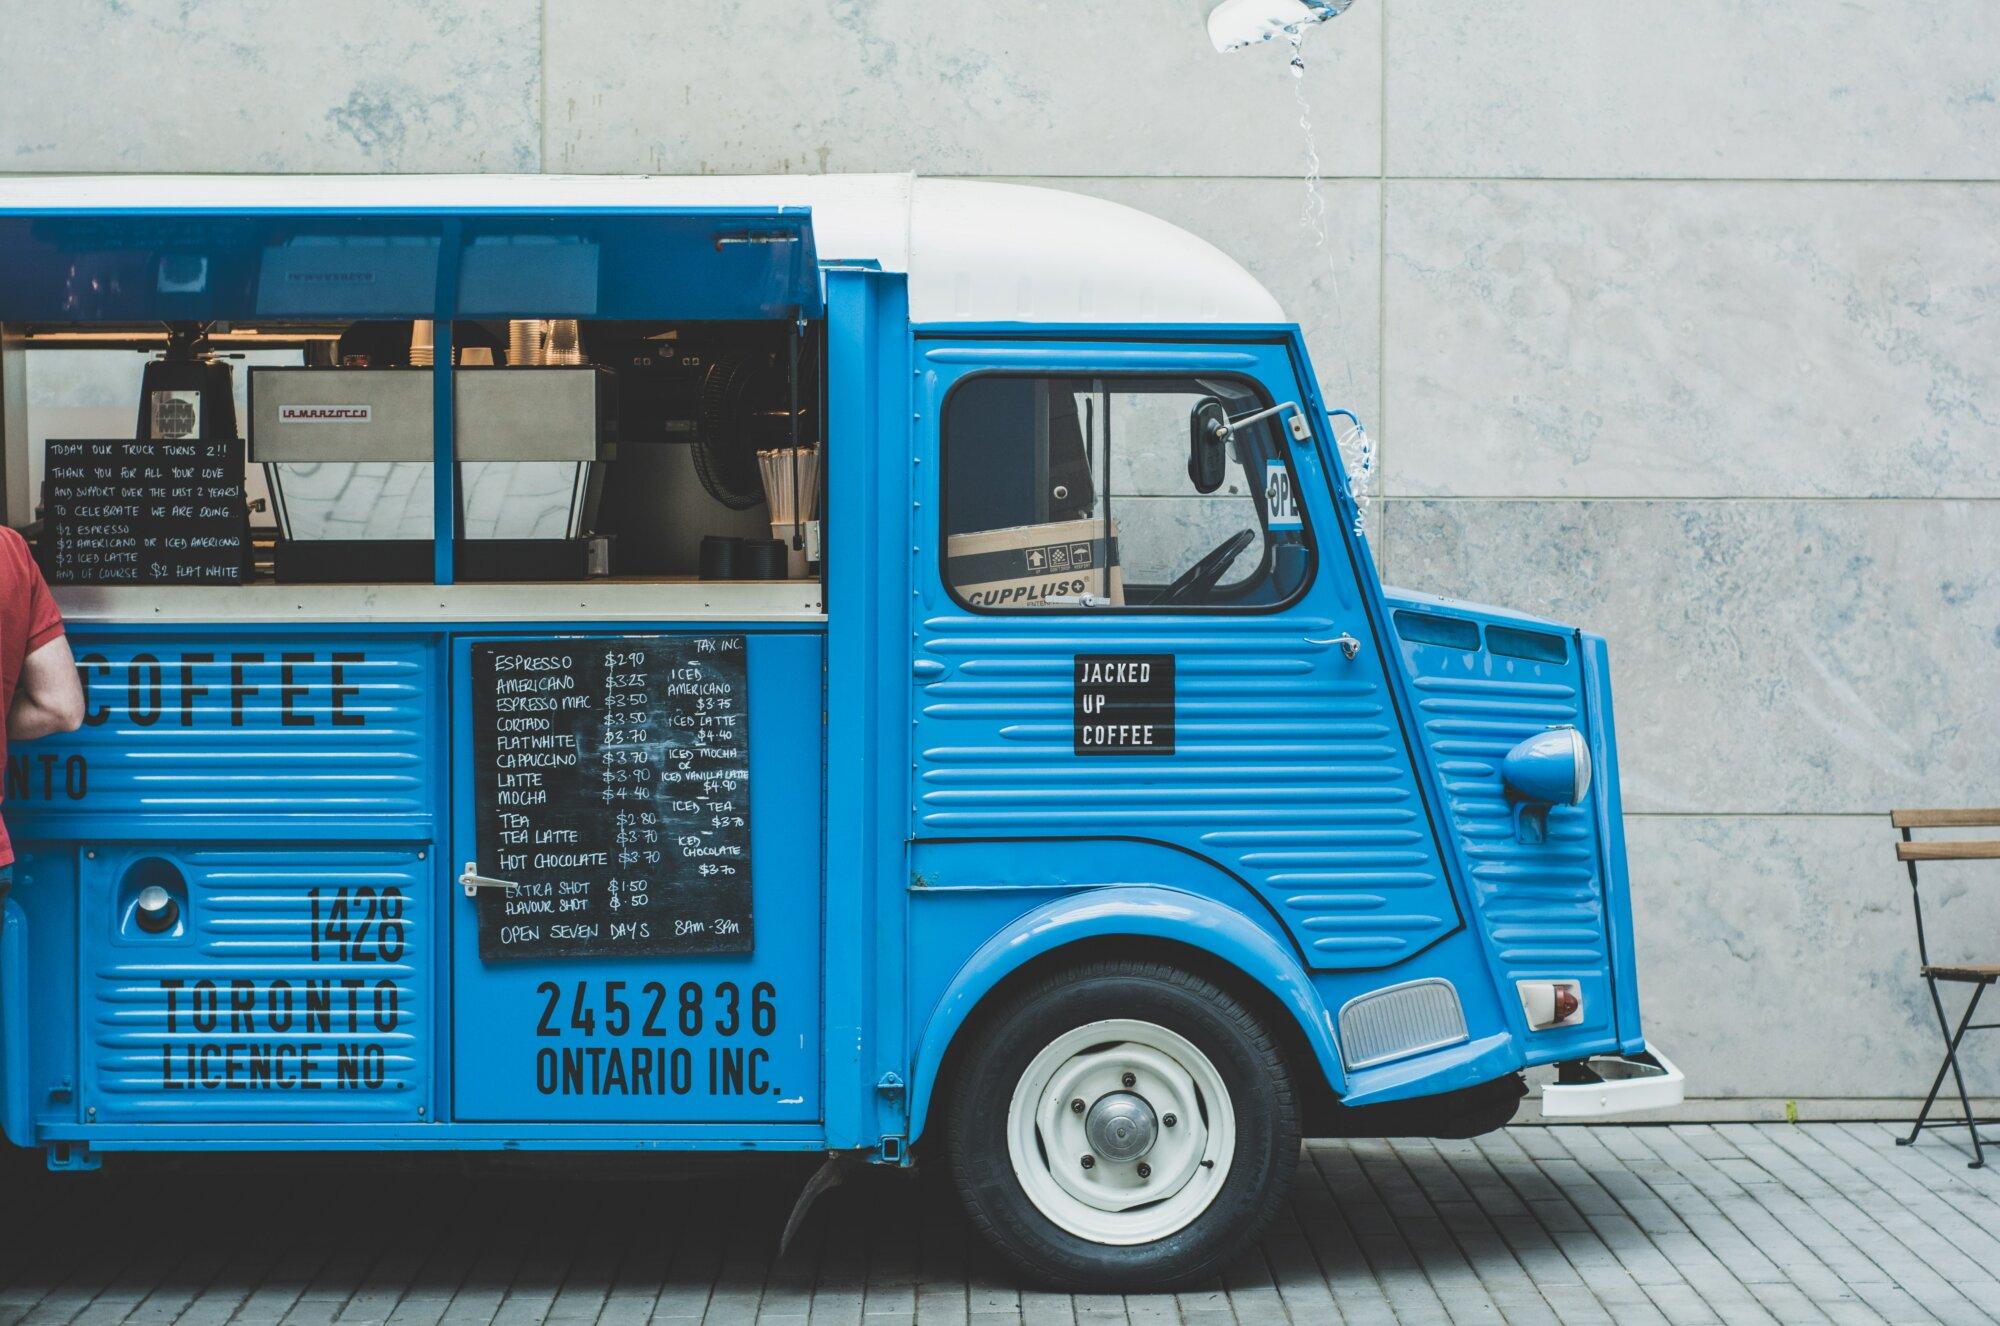 Tijdelijke opdracht (Vast/student/flexi) – Hippe Foodtruck (Gent/Antwerpen/Brussel)